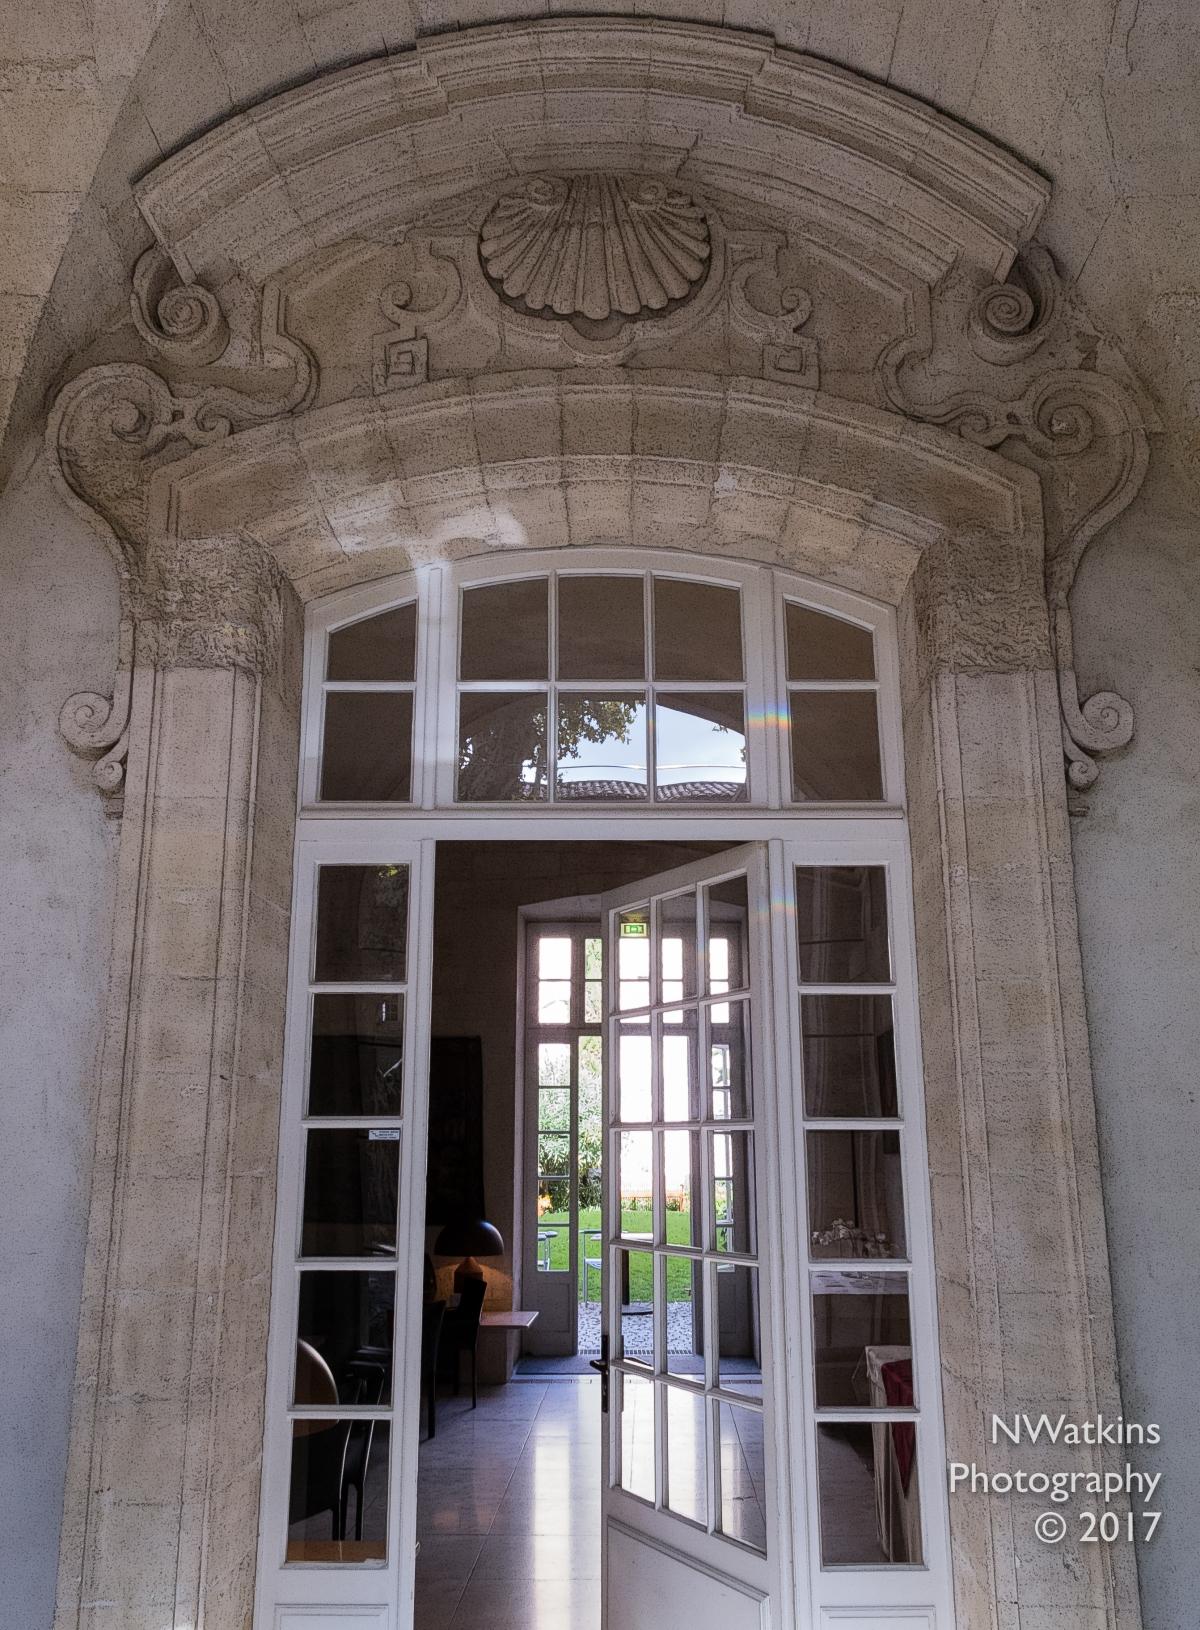 d4-avignon-glazed-door-cw